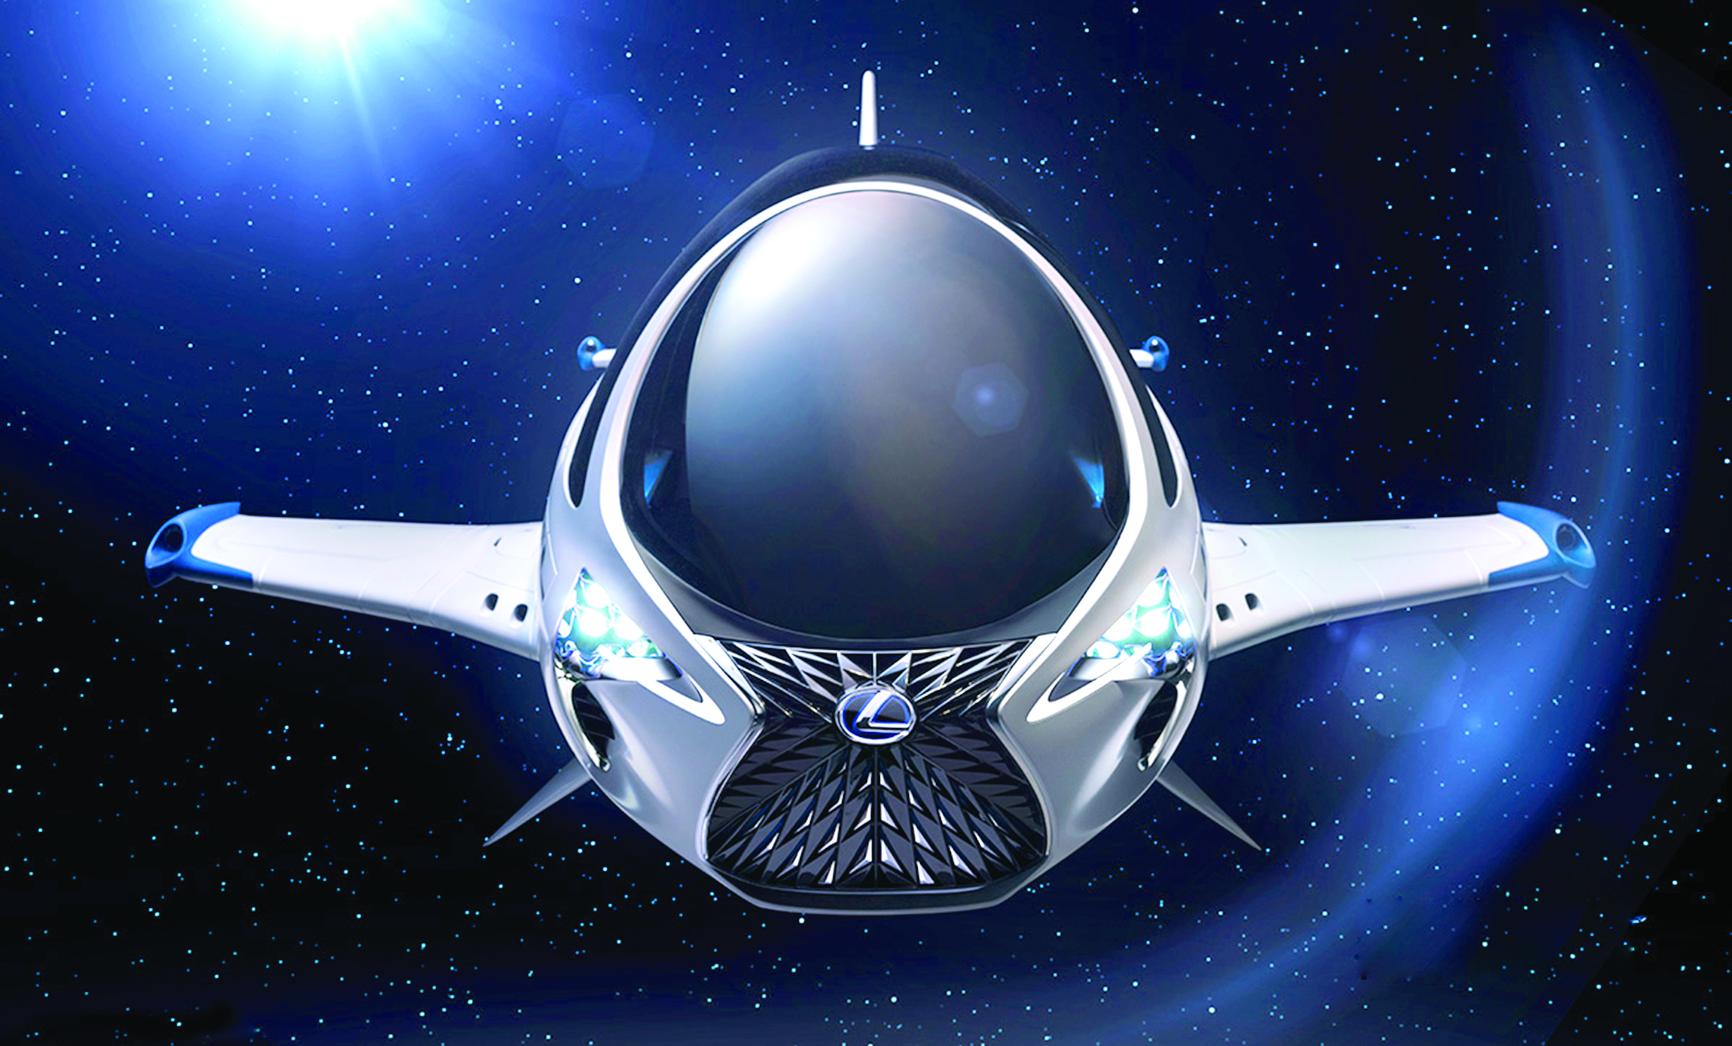 لكزس ويوروبا كورب تكشفان عن المركبة الفضائية سكاي جَت